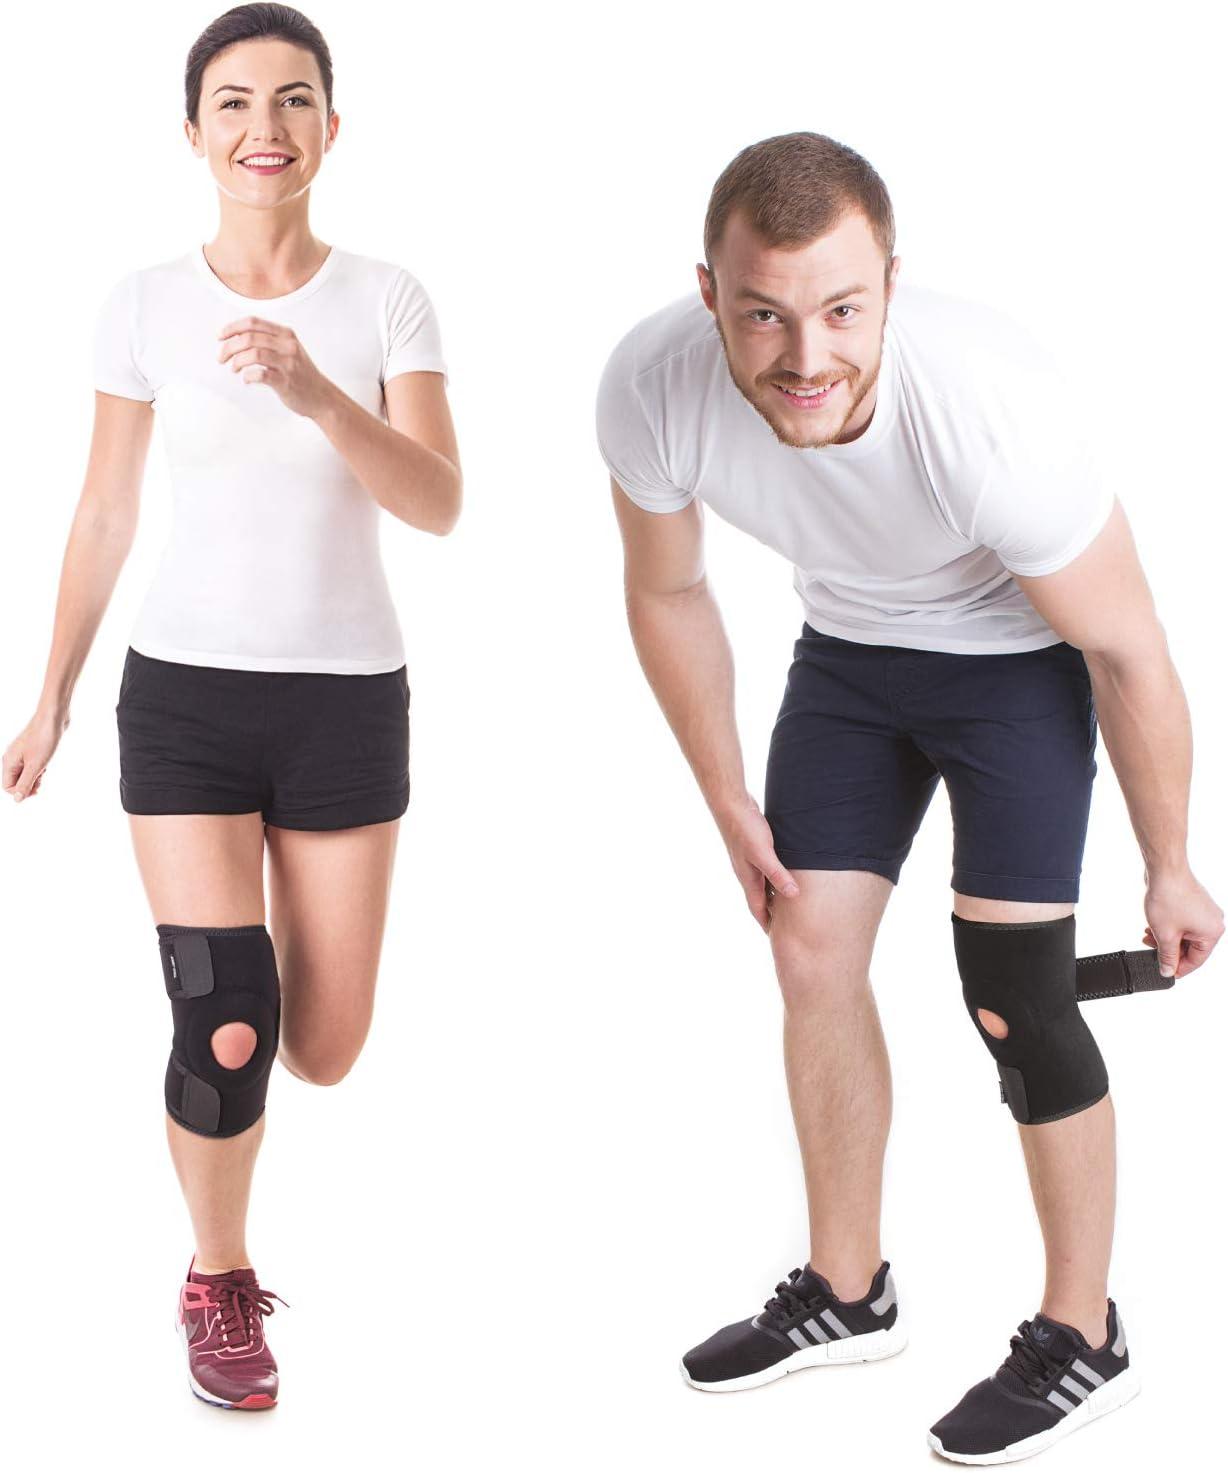 Rodillera de neoprene Totalmente Ajustable-Soportе Rodilla-Ortesis rodilla-Estabilizadora menisco-Ayuda en Lesiones de Ligamentos Artritis Medium